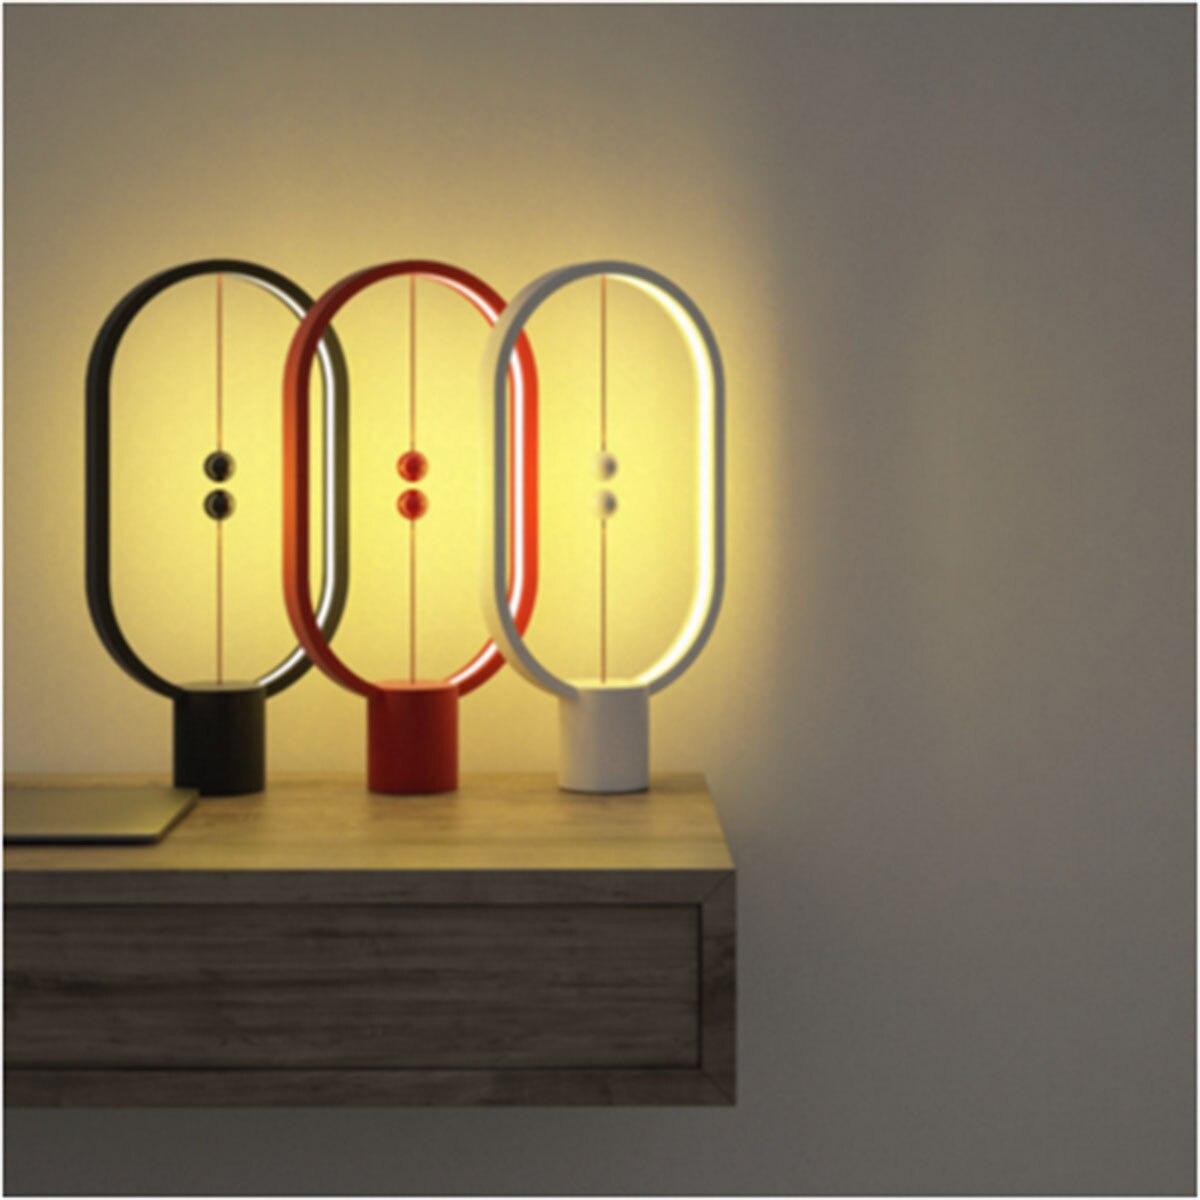 Créatif Heng Balance lampe Mini Intelligent magnétique demi-air Balance lumière LED veilleuse lampe de Table USB alimentation pour la maison